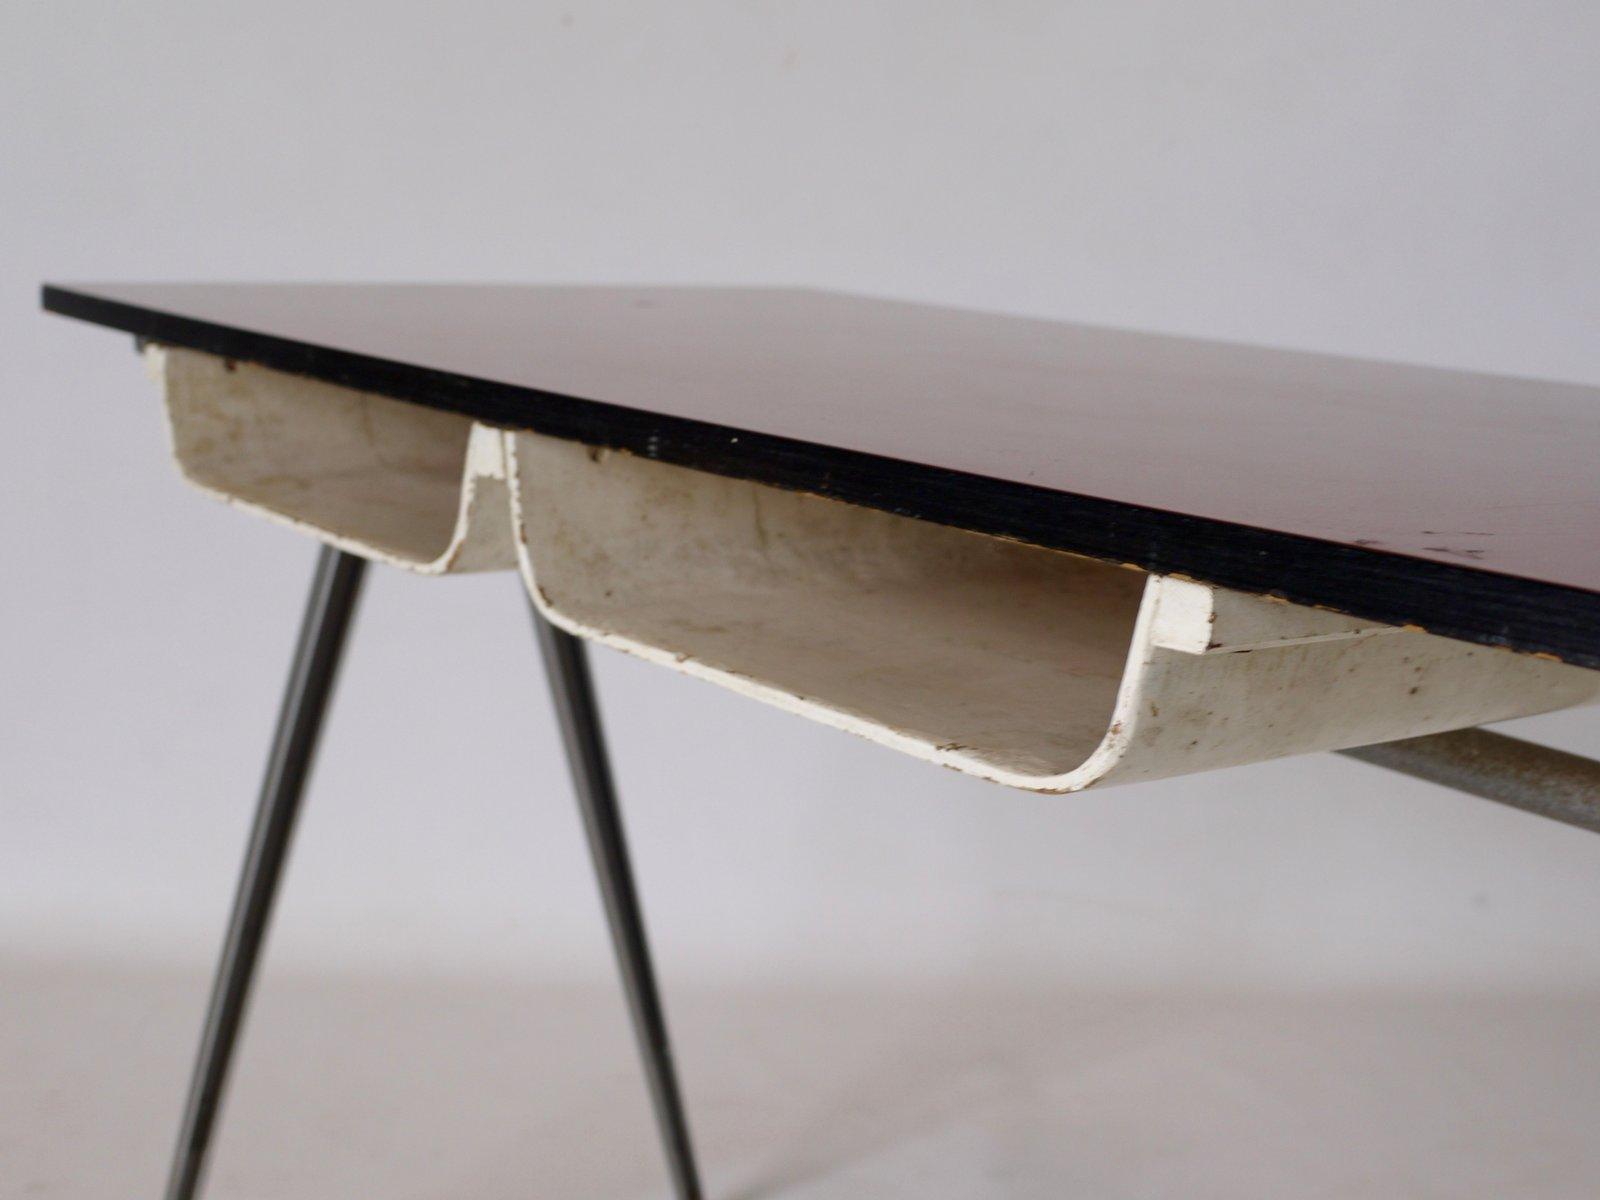 kleiner arbeits oder schreibtisch von james leonard f r esa 1950er bei pamono kaufen. Black Bedroom Furniture Sets. Home Design Ideas